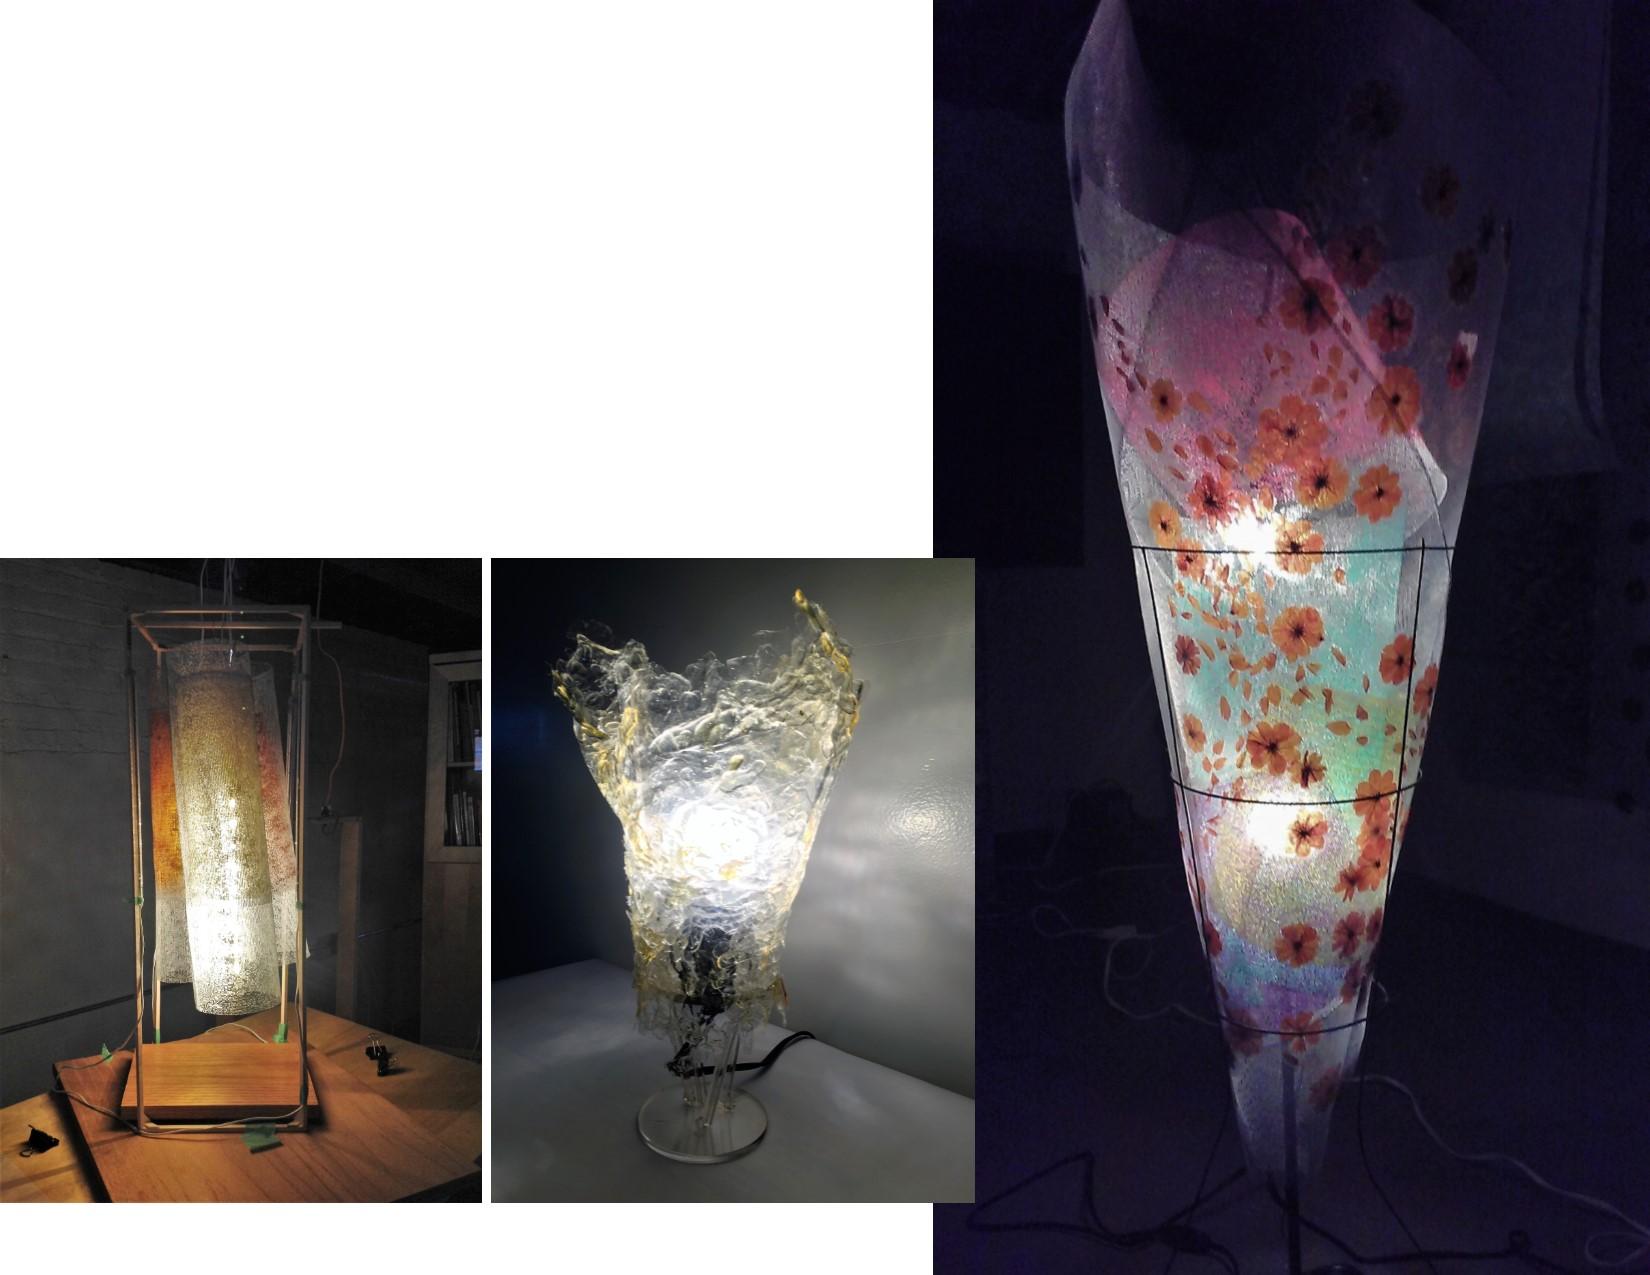 18-01-13_Table Lamp Studies.jpg